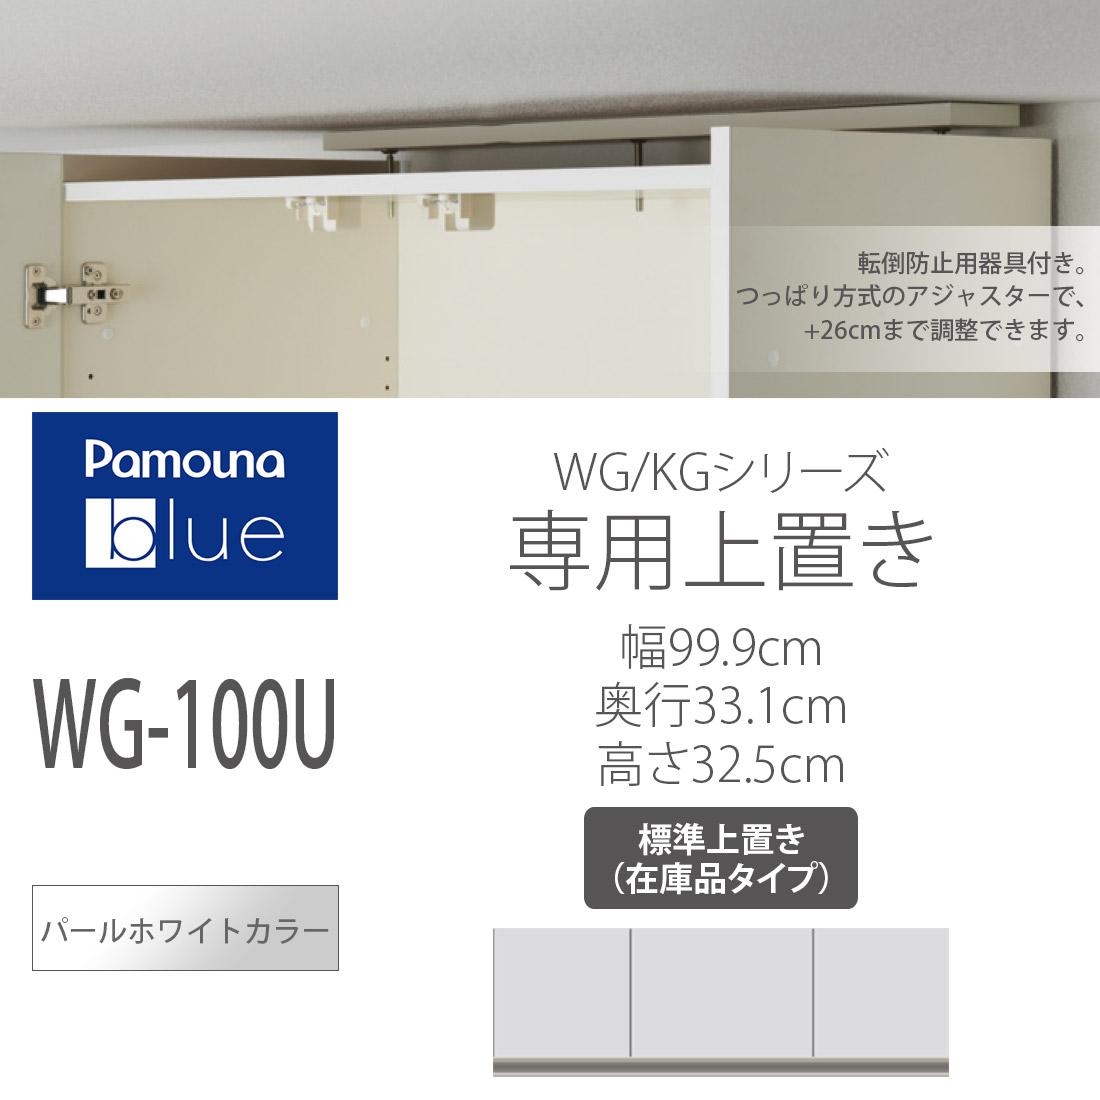 食器棚 パモウナ WL/KL WL-100U 標準上置 【幅99.8×奥行33.1×高さ32.5cm】 パールホワイト 安心 食器棚